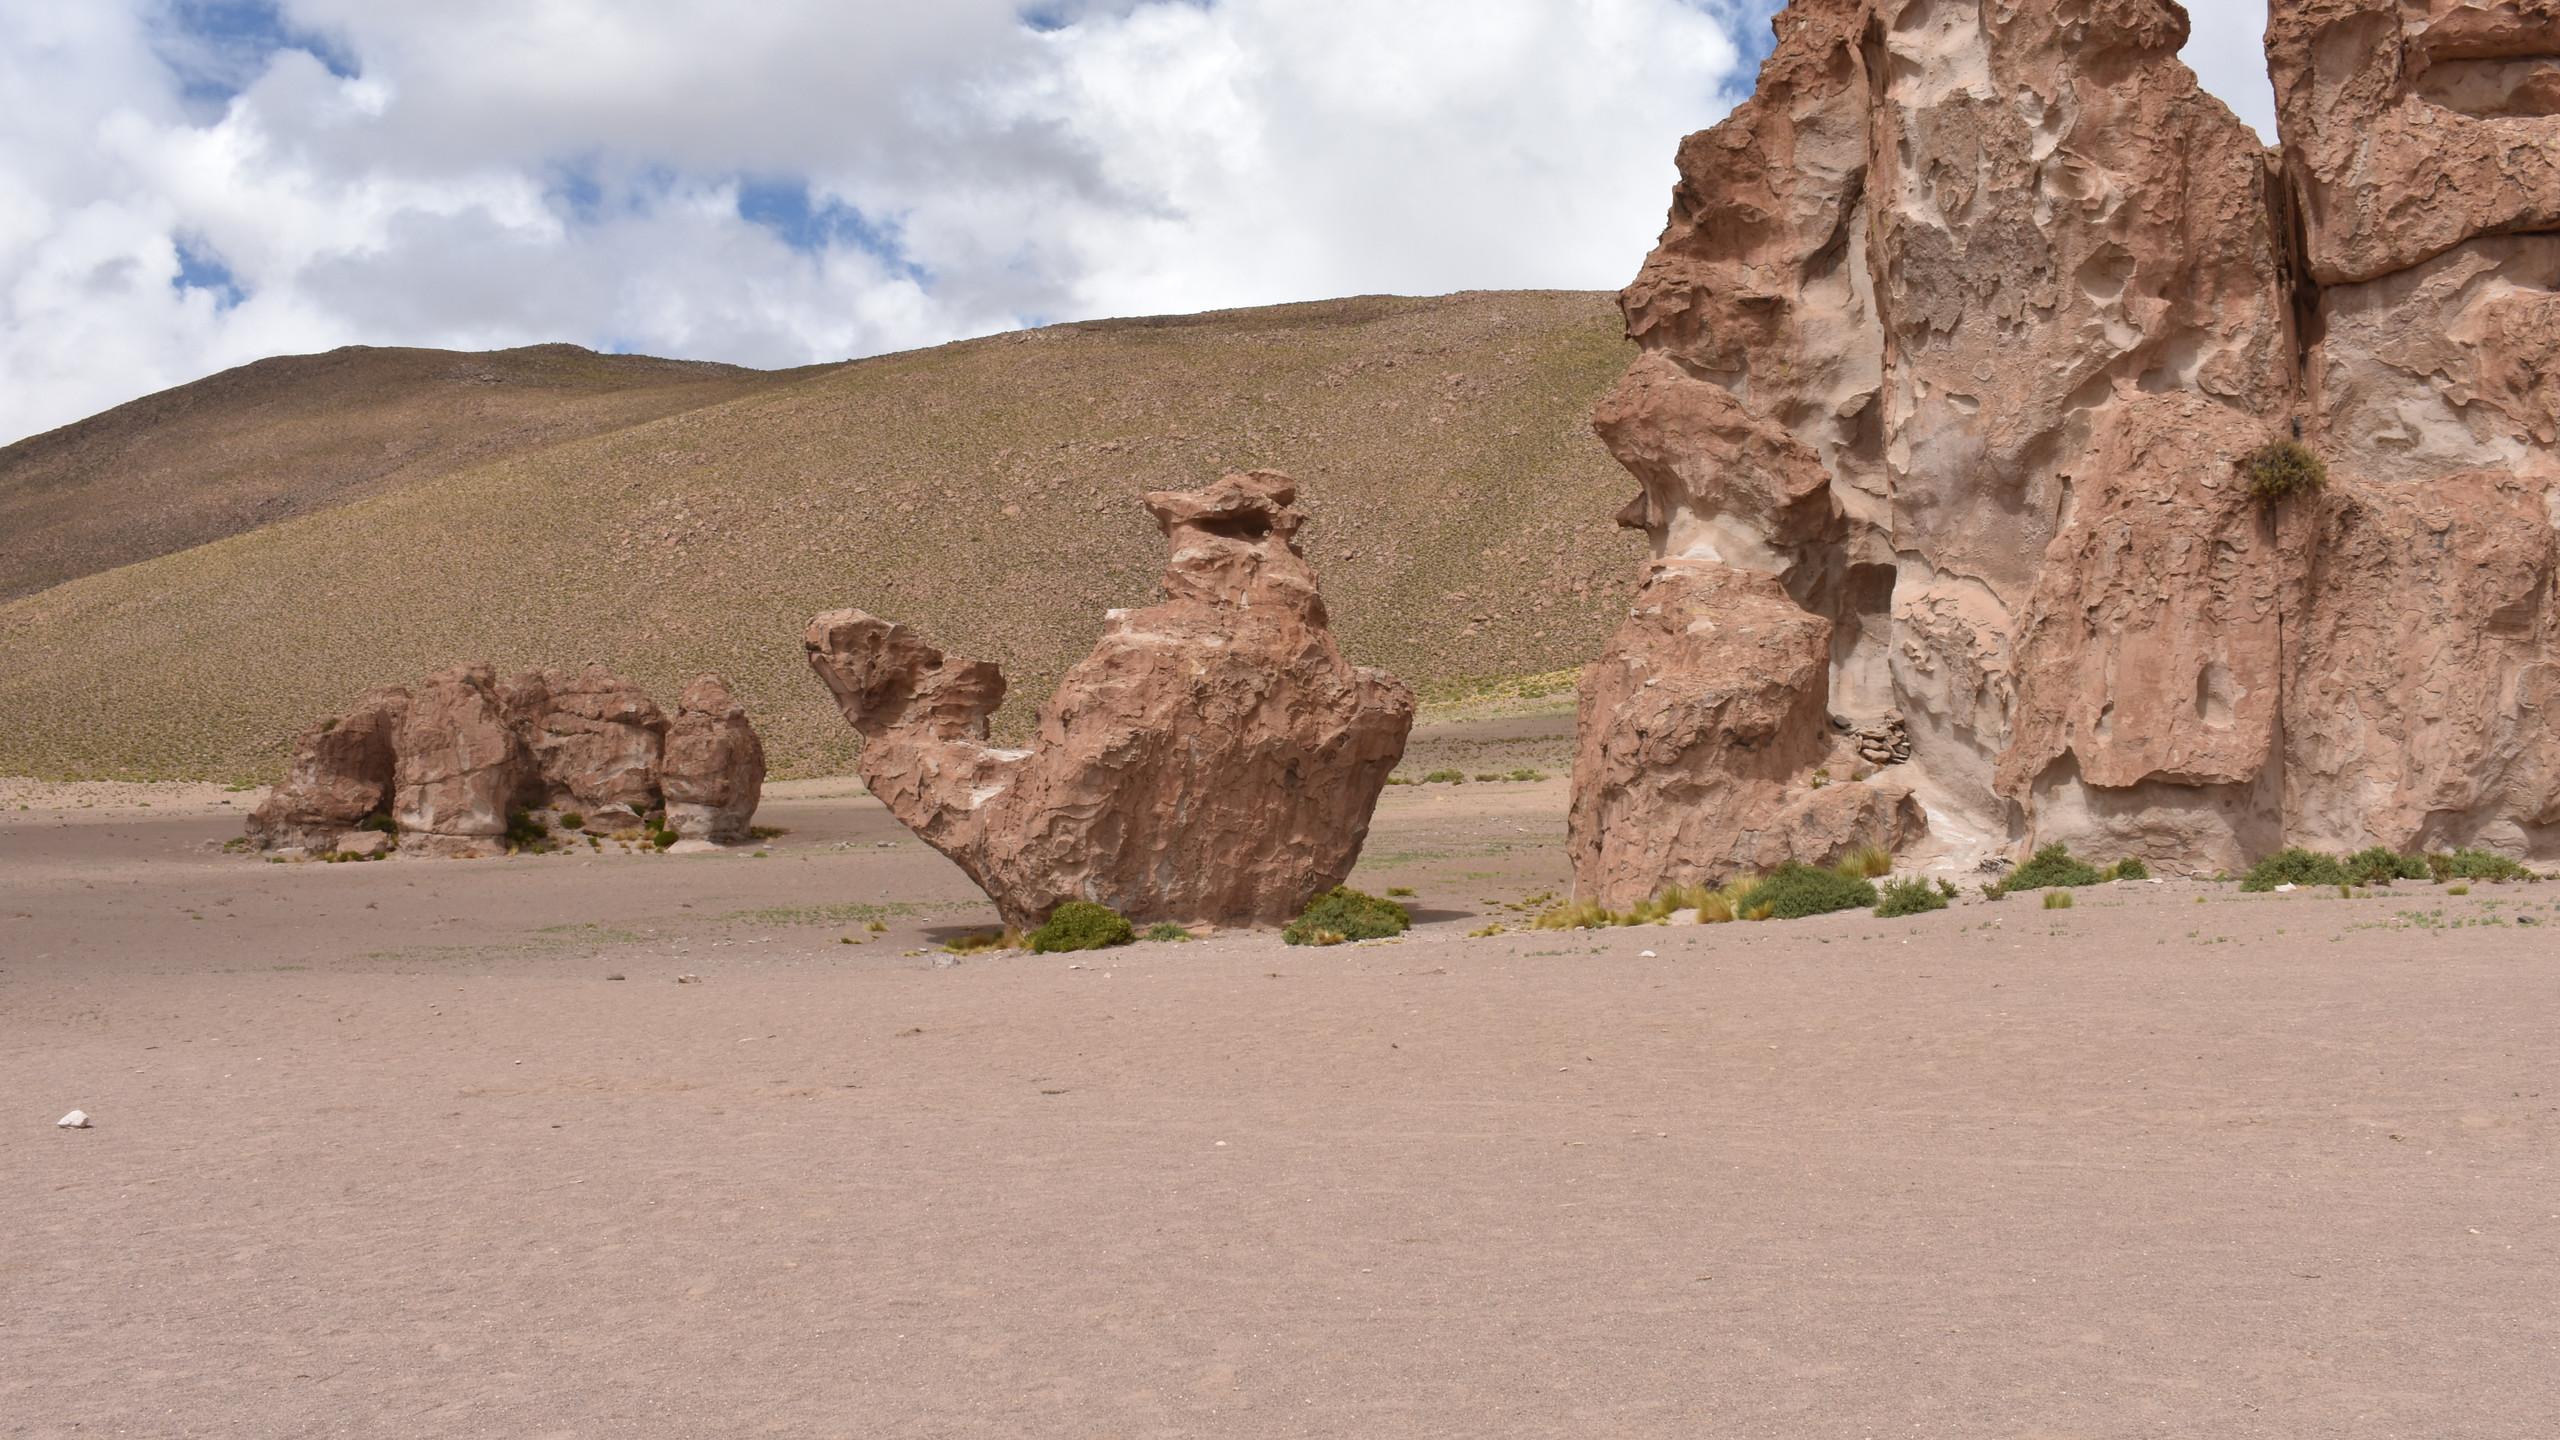 In der Wüstenlandschaft waren überall solche verrückten Felskonstruktionen